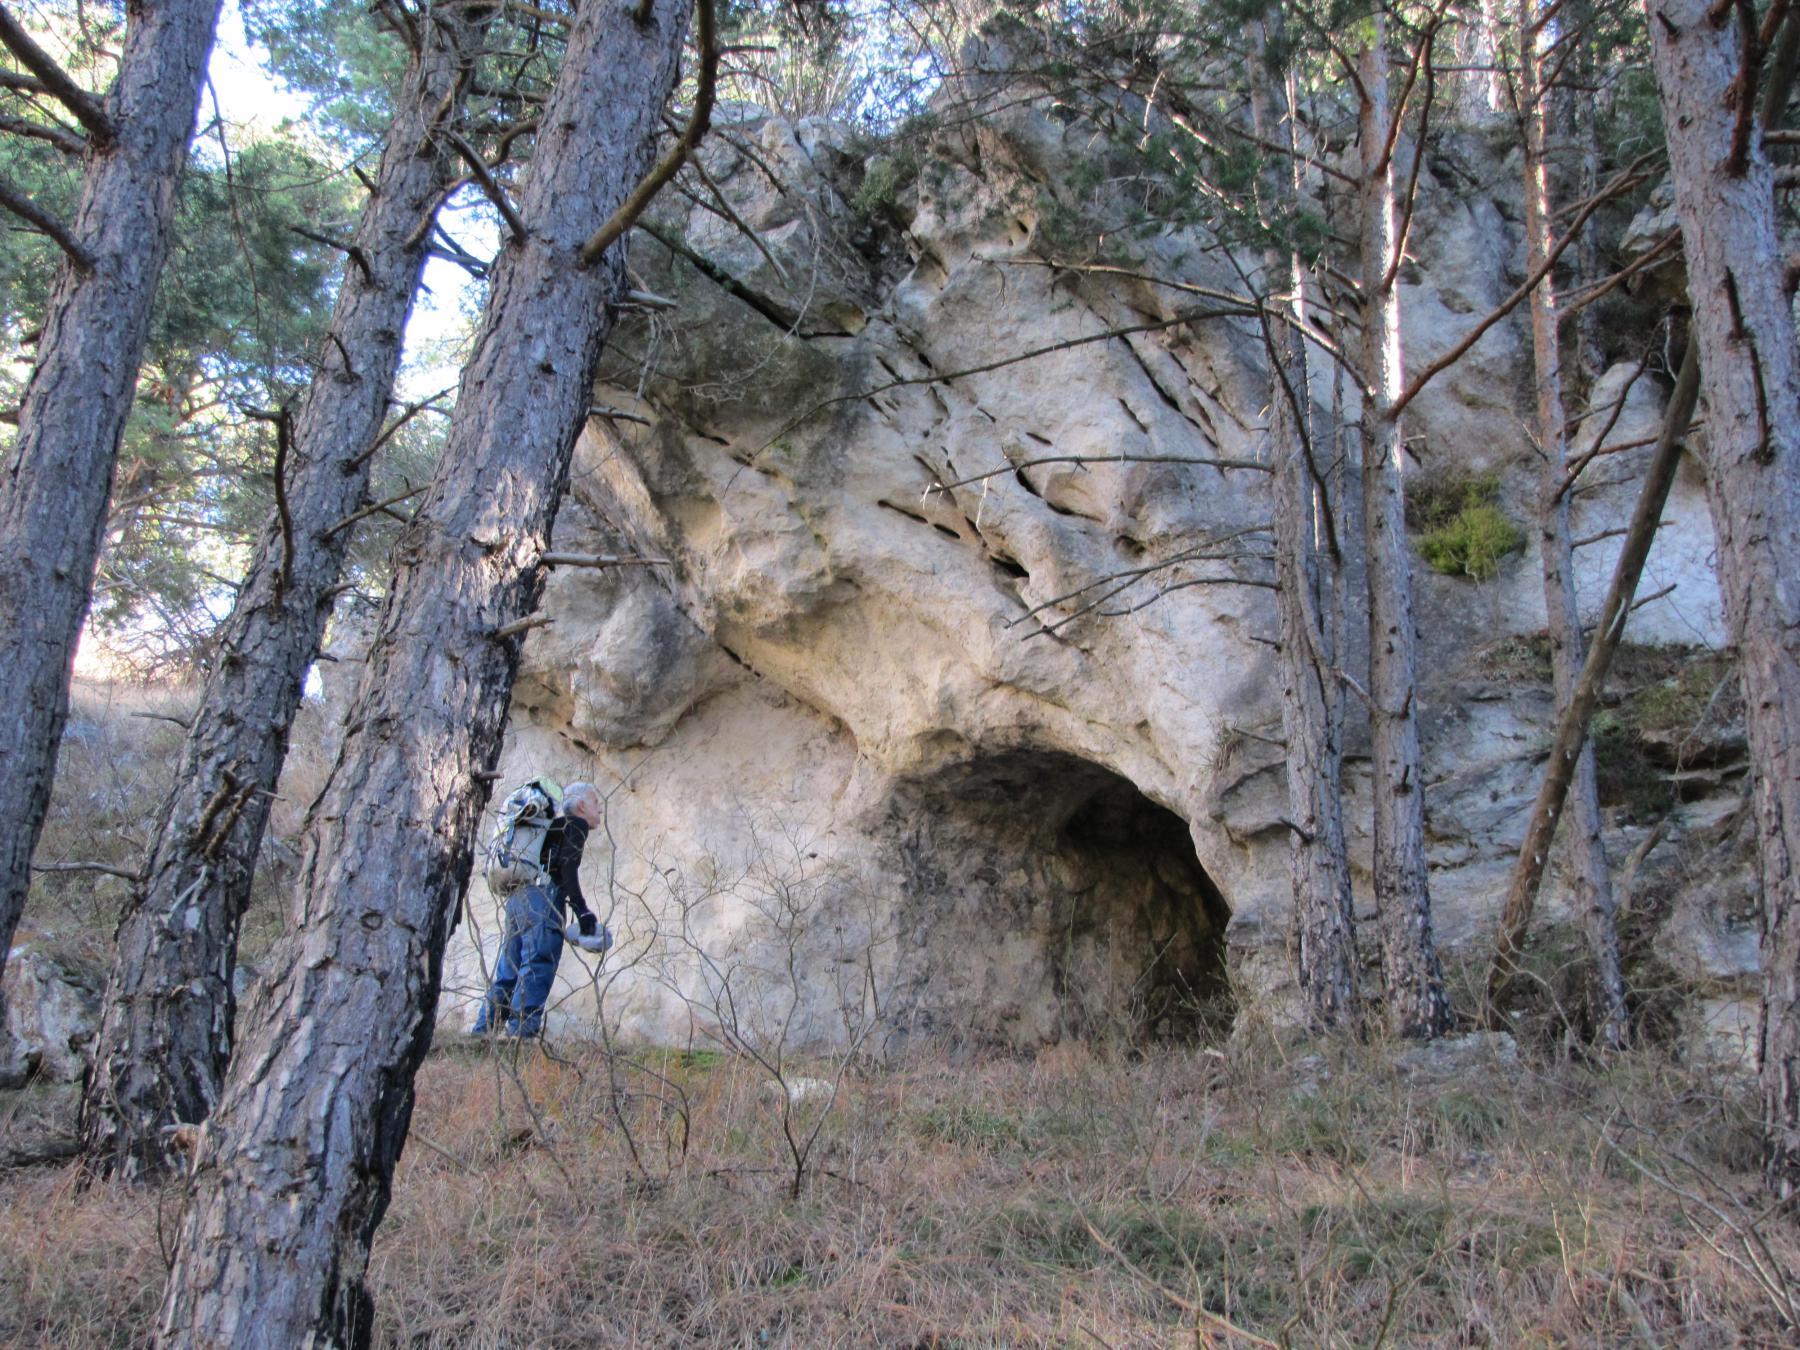 lo spuntone roccioso con una caratteristica cavità segna la fine della salita